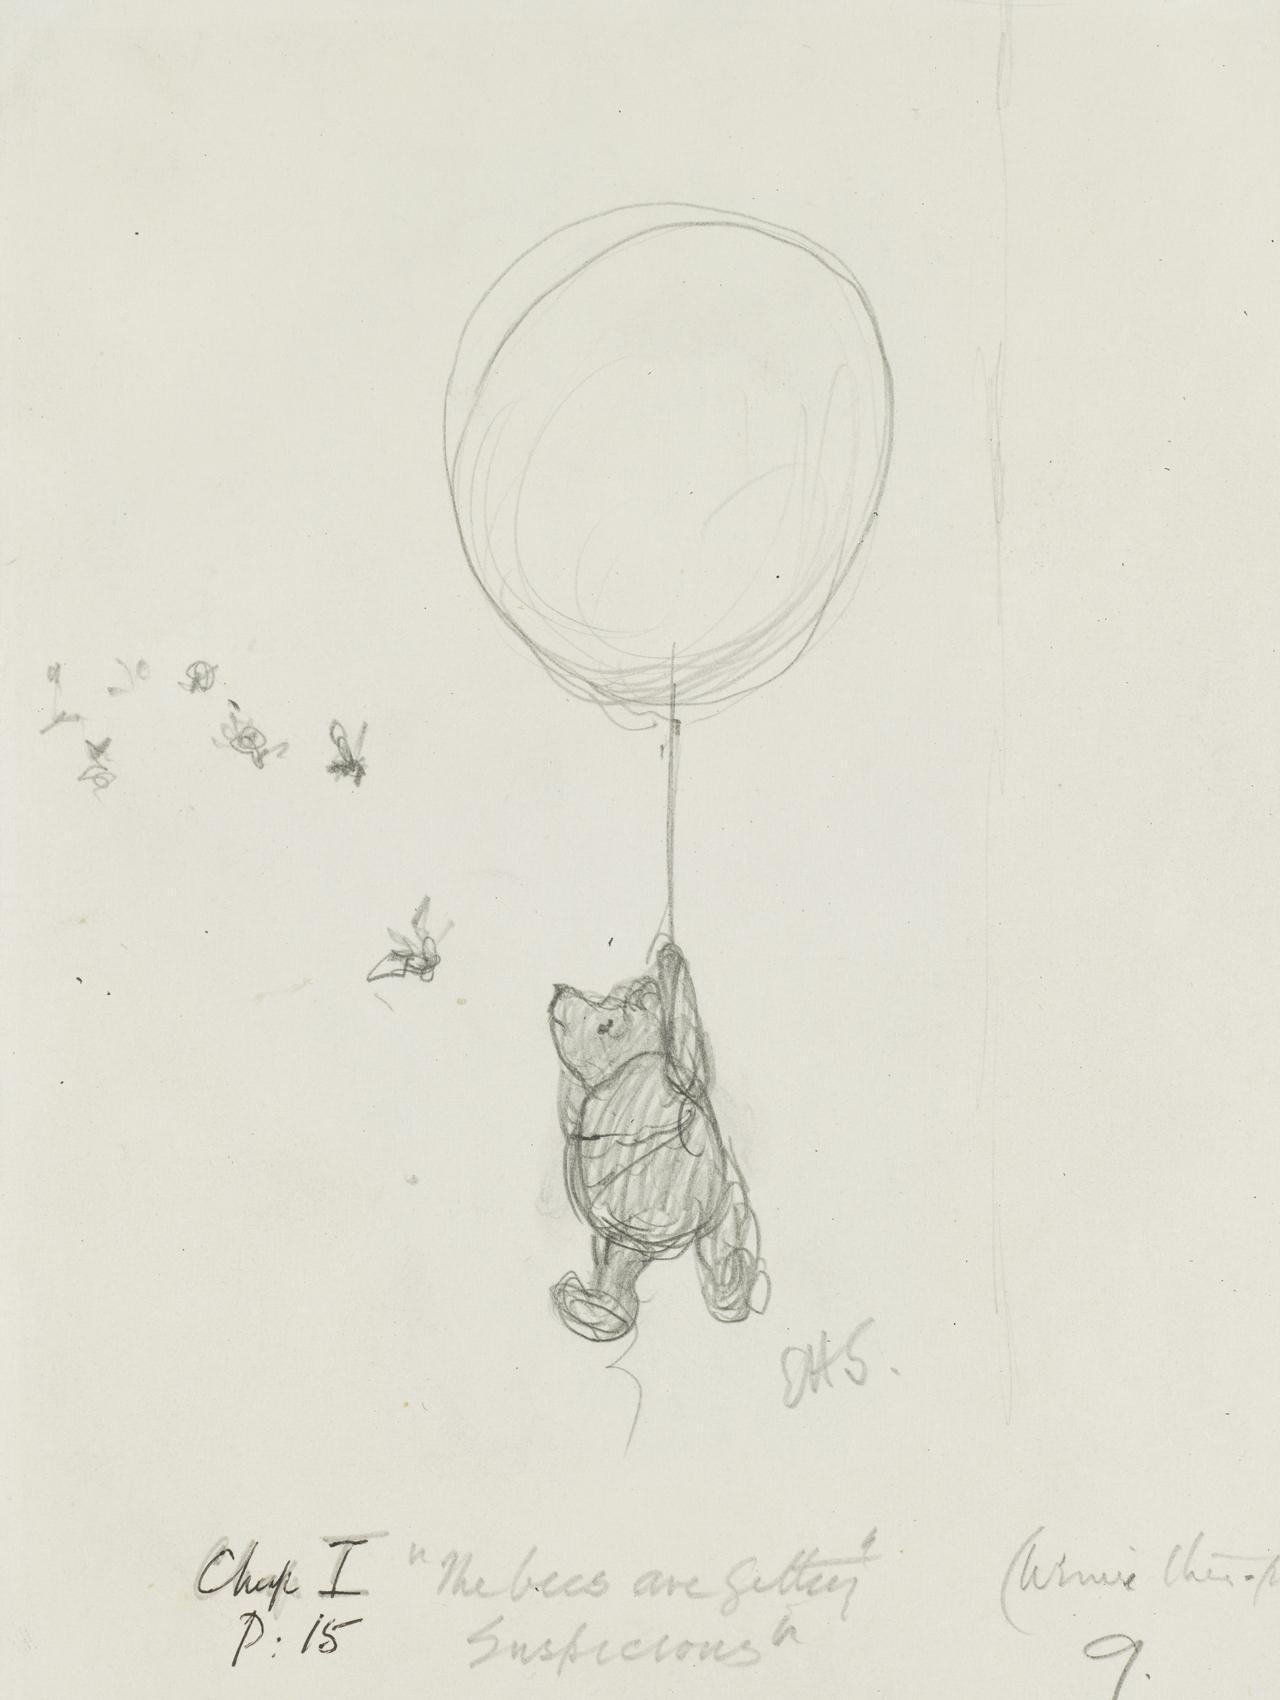 画像: 「ハチのやつ、なにか、うたぐってるようですよ」、『クマのプーさん』第1章、 E.H.シェパード、鉛筆画、1926年、V&A所蔵 © The Shepard Trust